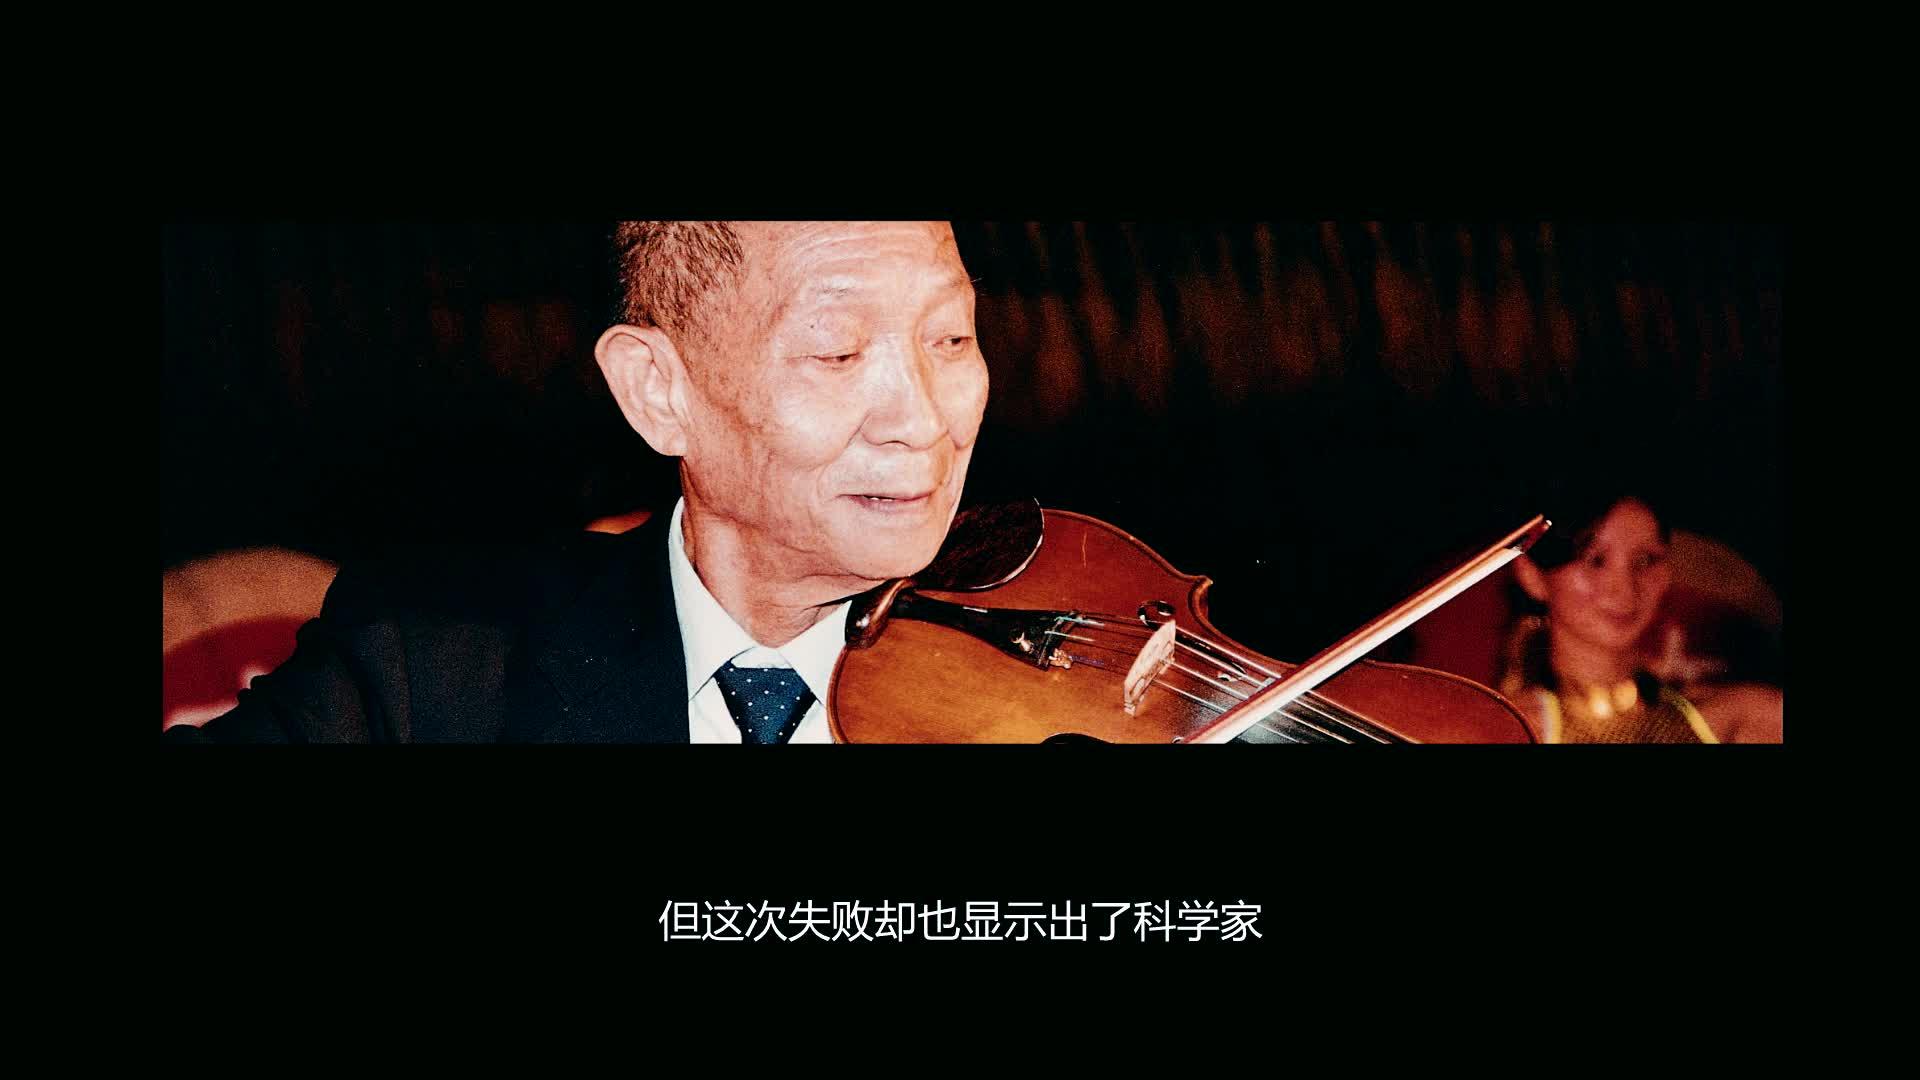 """袁隆平90岁时接受采访的珍贵视频曝光:""""明年我们再发展一下好不好?"""""""